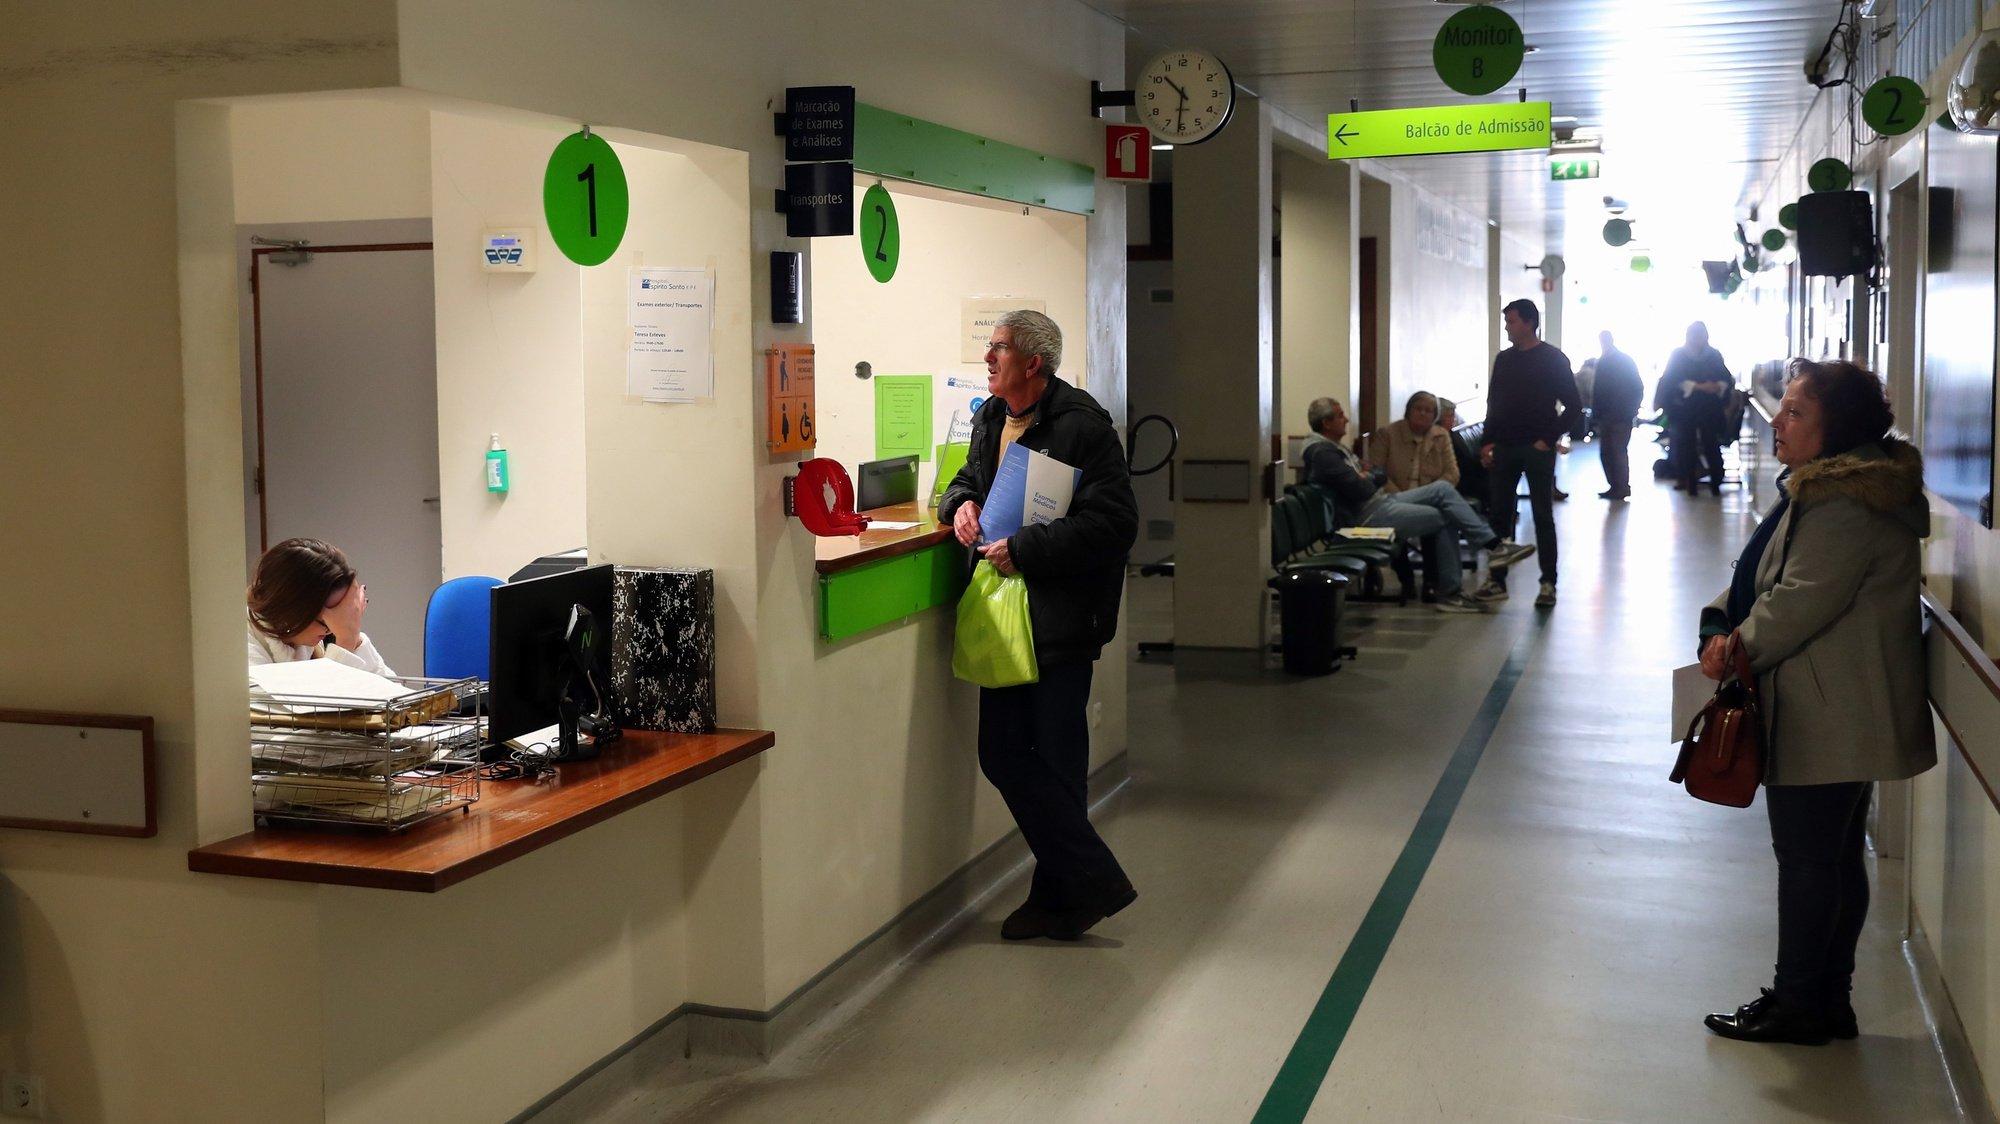 Utentes numa sala de espera do Hospital do Espírito Santo de Évora, em Évora, 06 de dezembro de 2019. NUNO VEIGA/LUSA